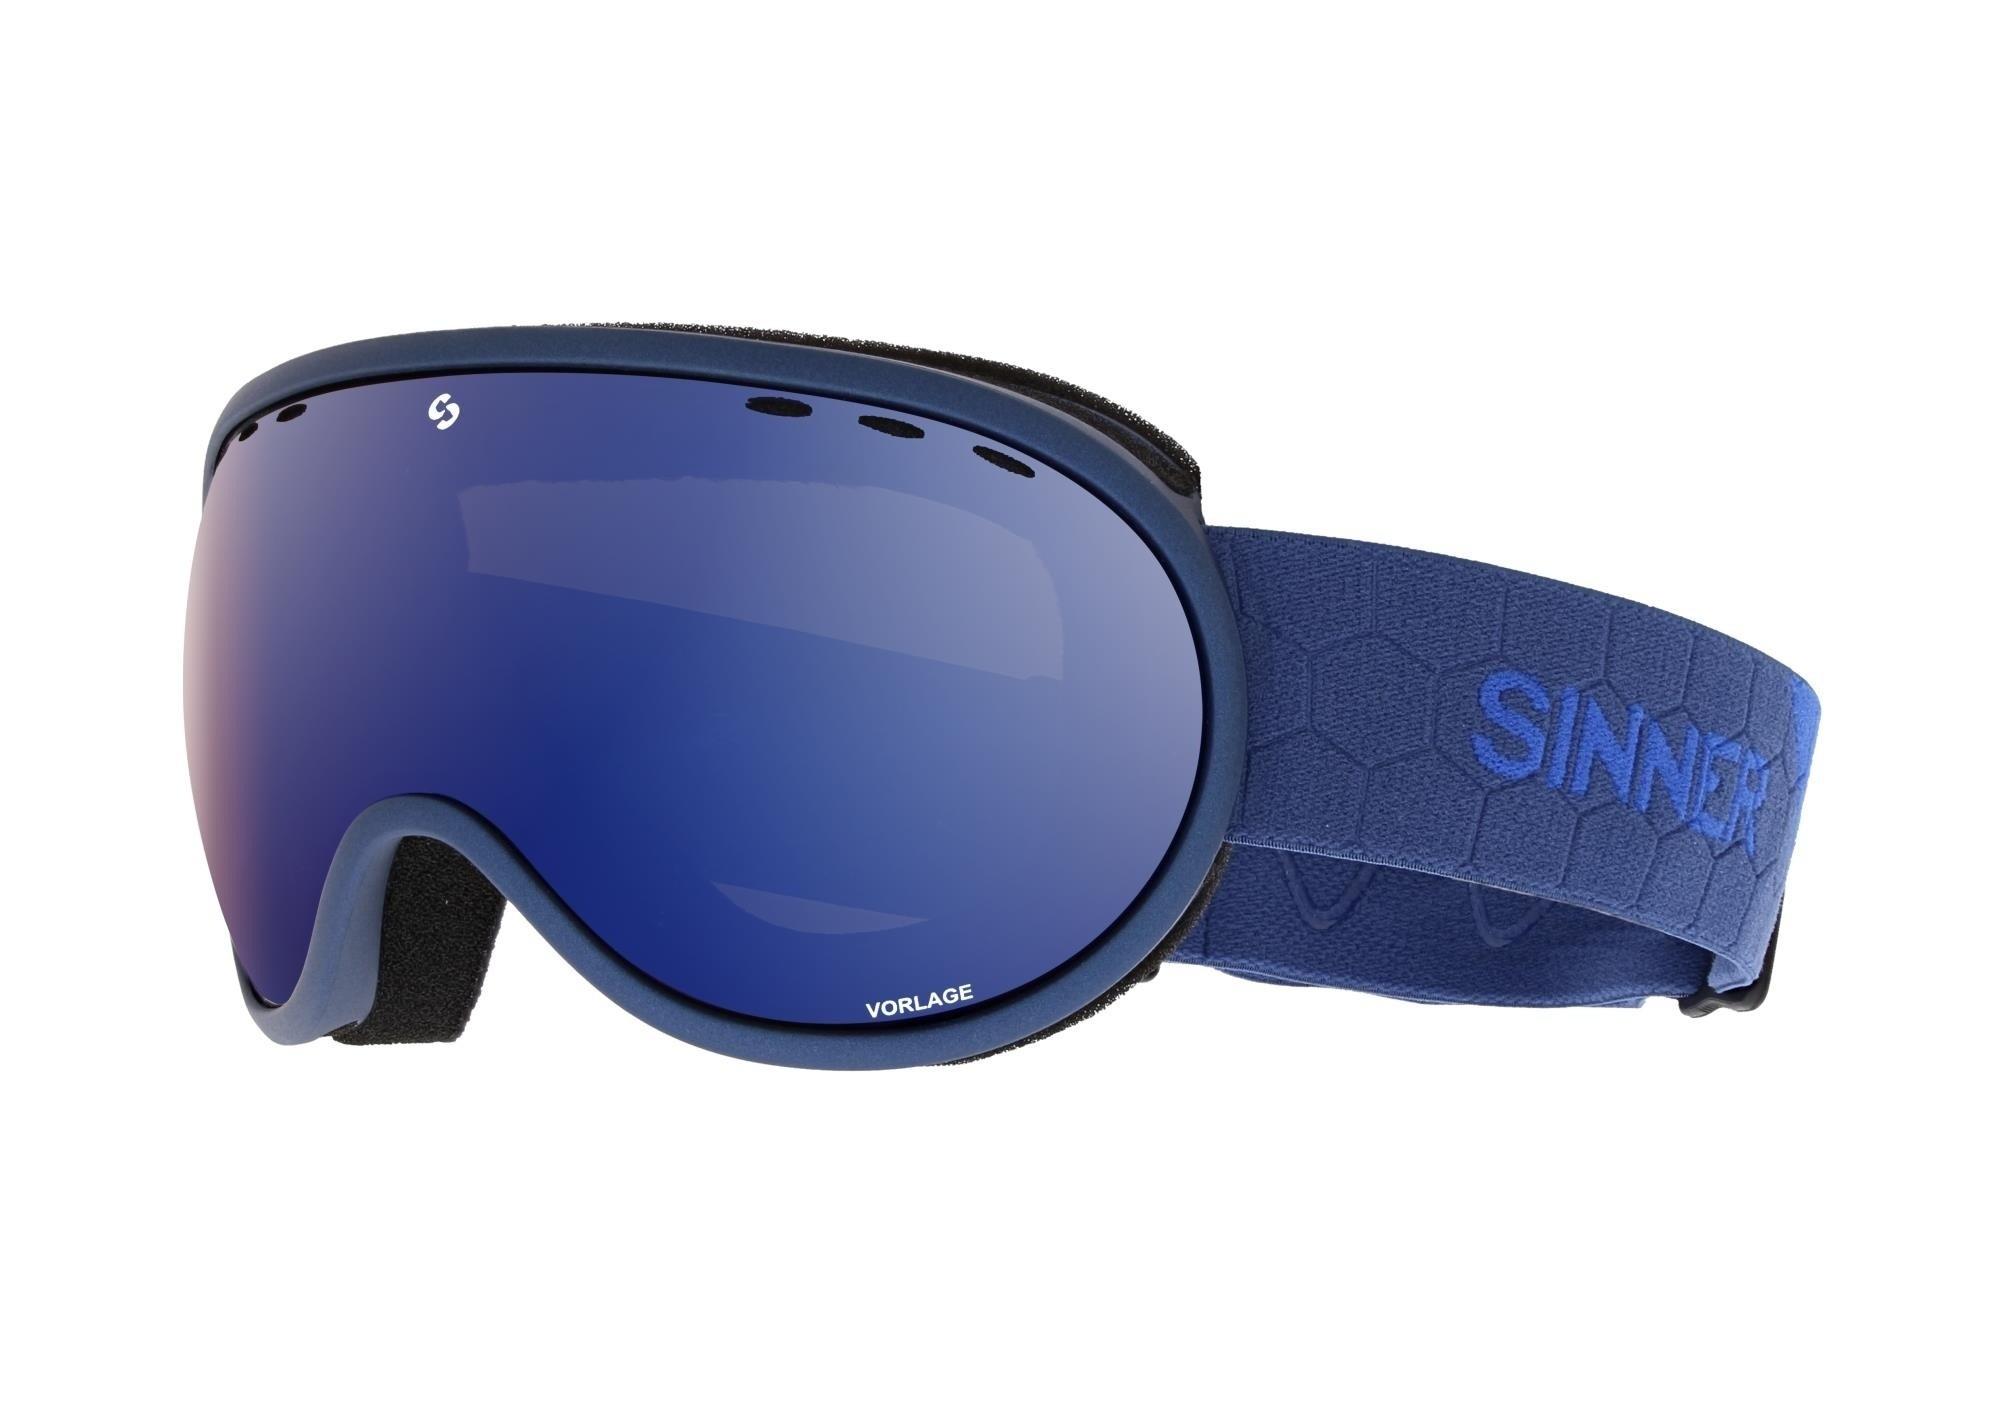 Skibril Sinner Vorlage metalic blue